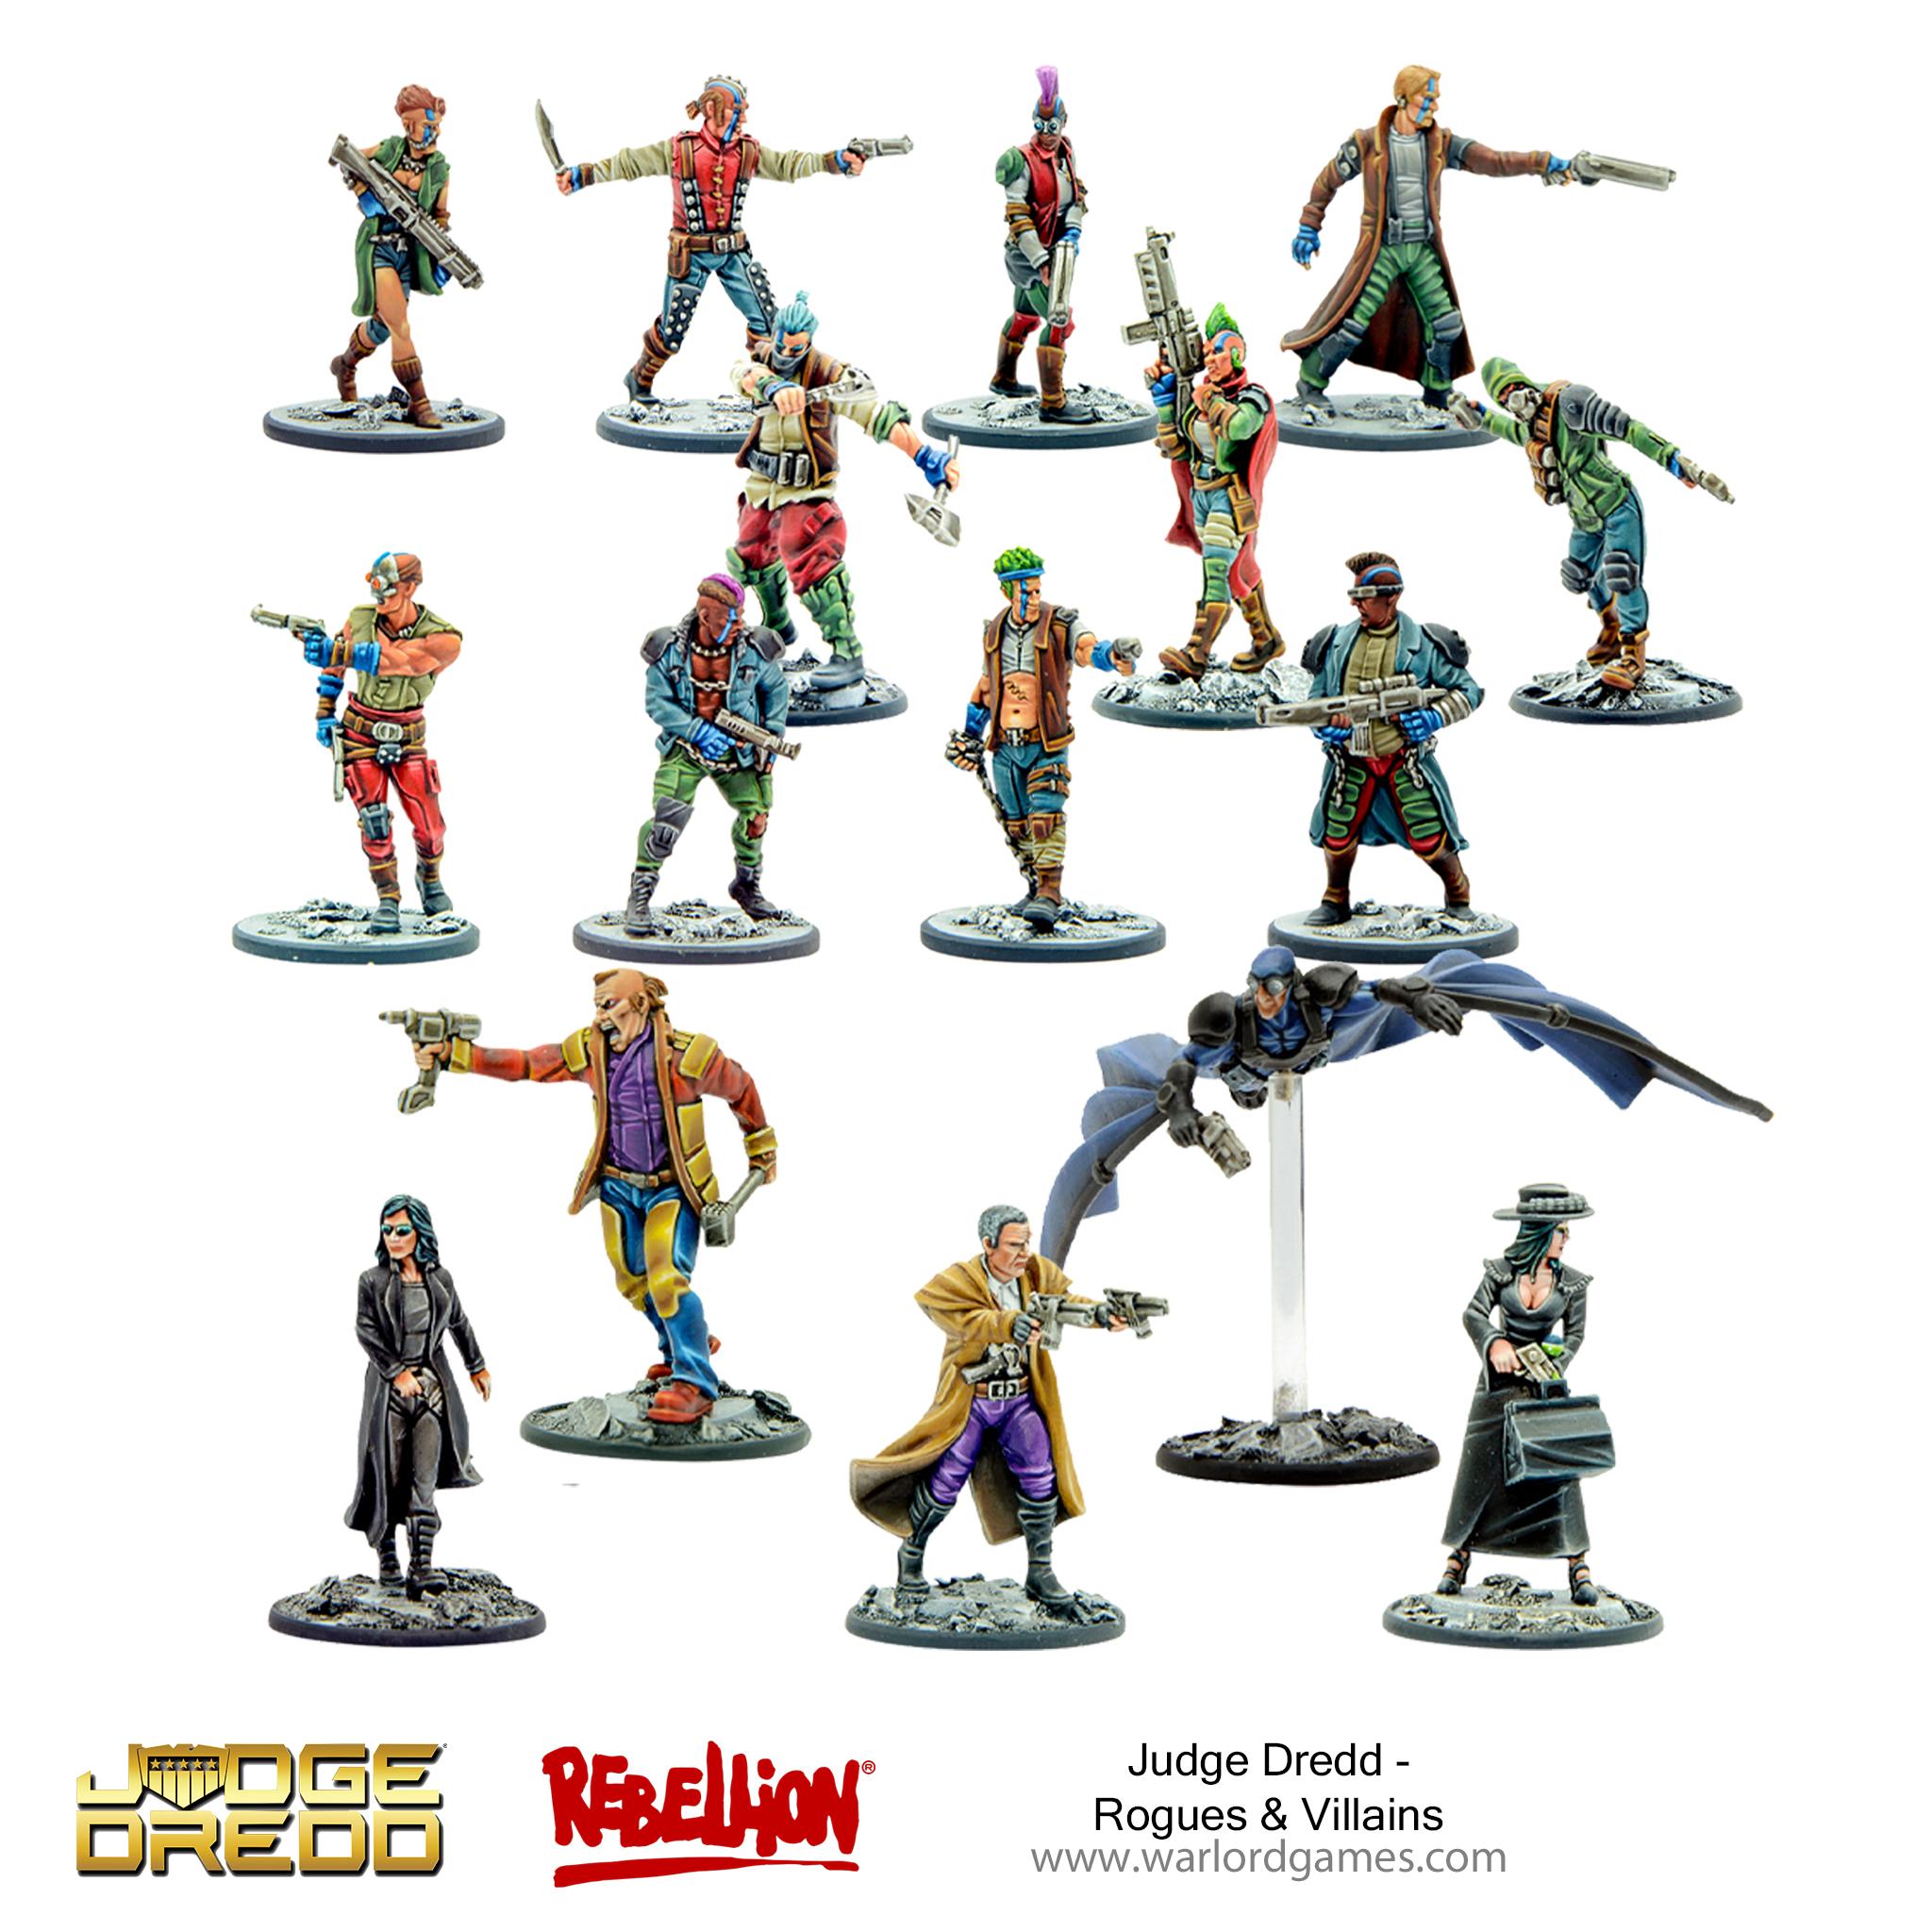 Judge Dredd Rogues & Villains